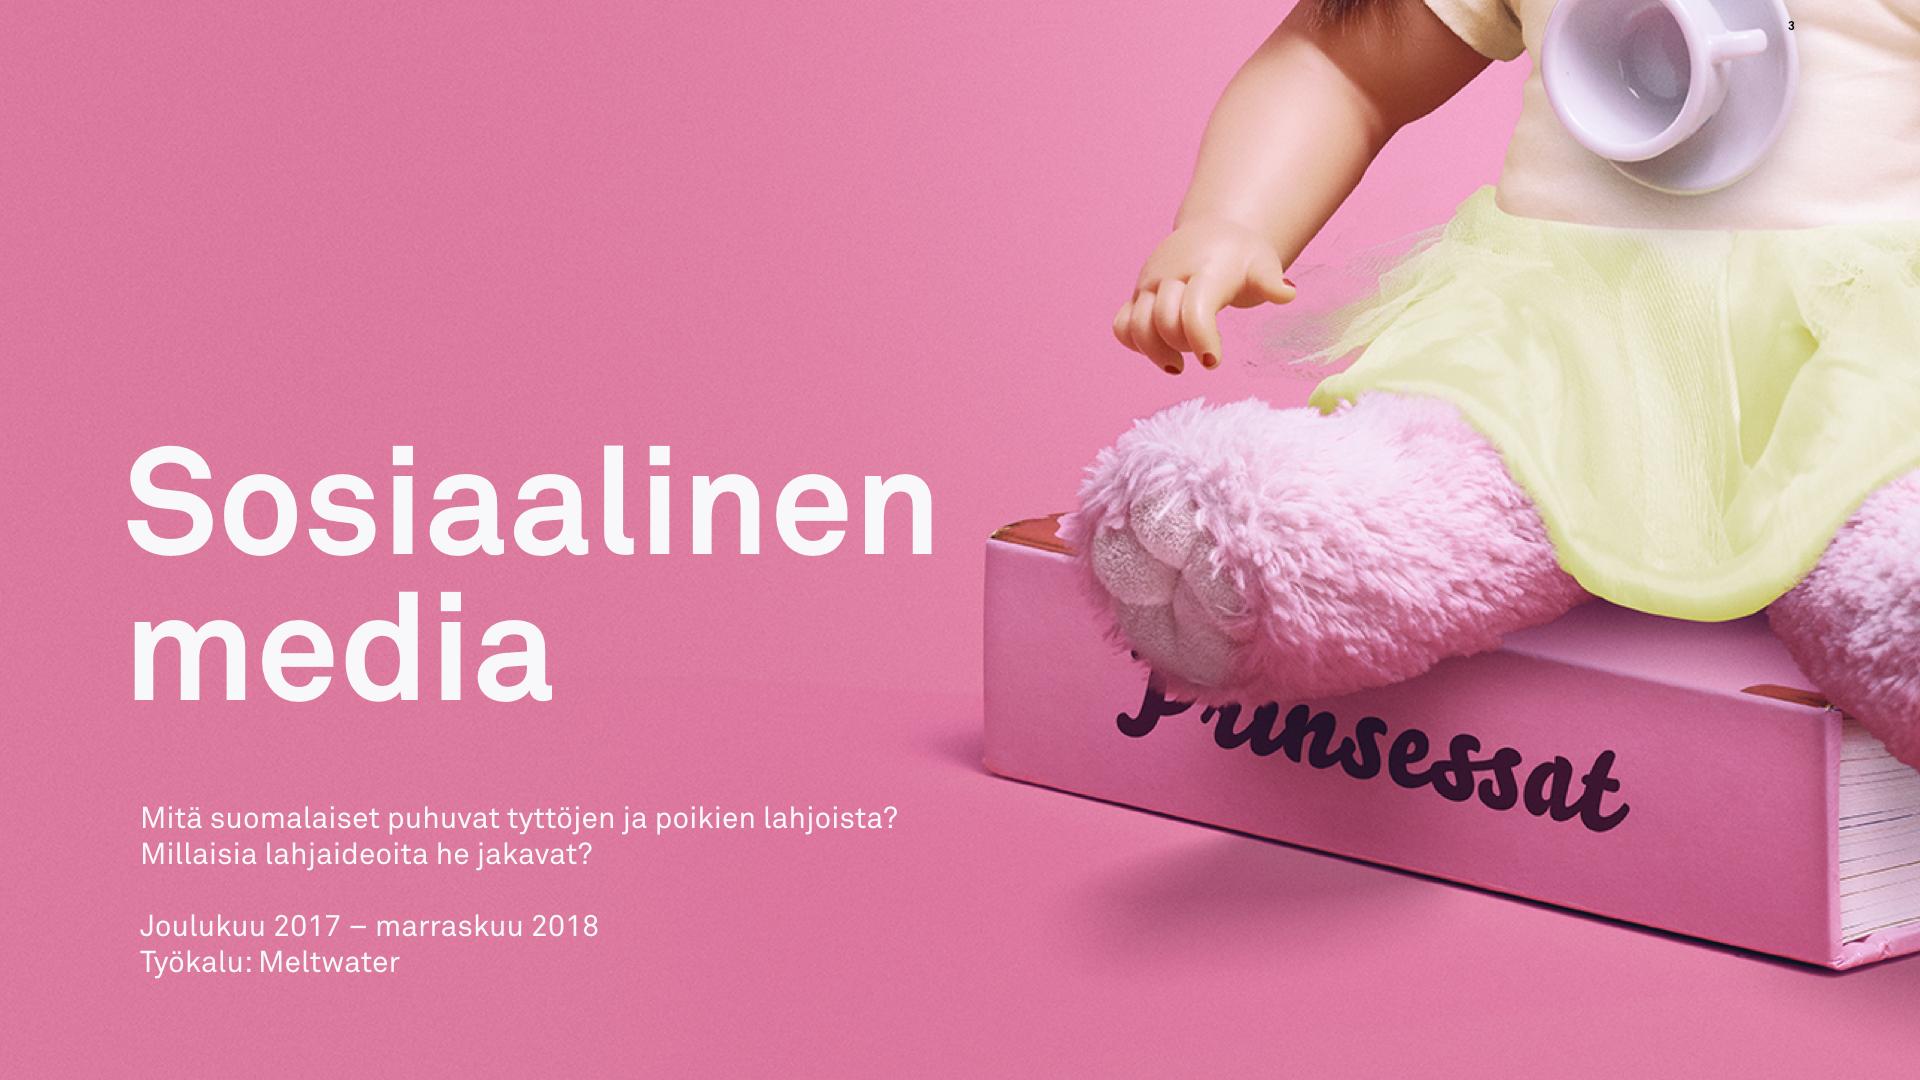 Mitä suomalaiset puhuvat tyttöjen ja poikien lahjoista?